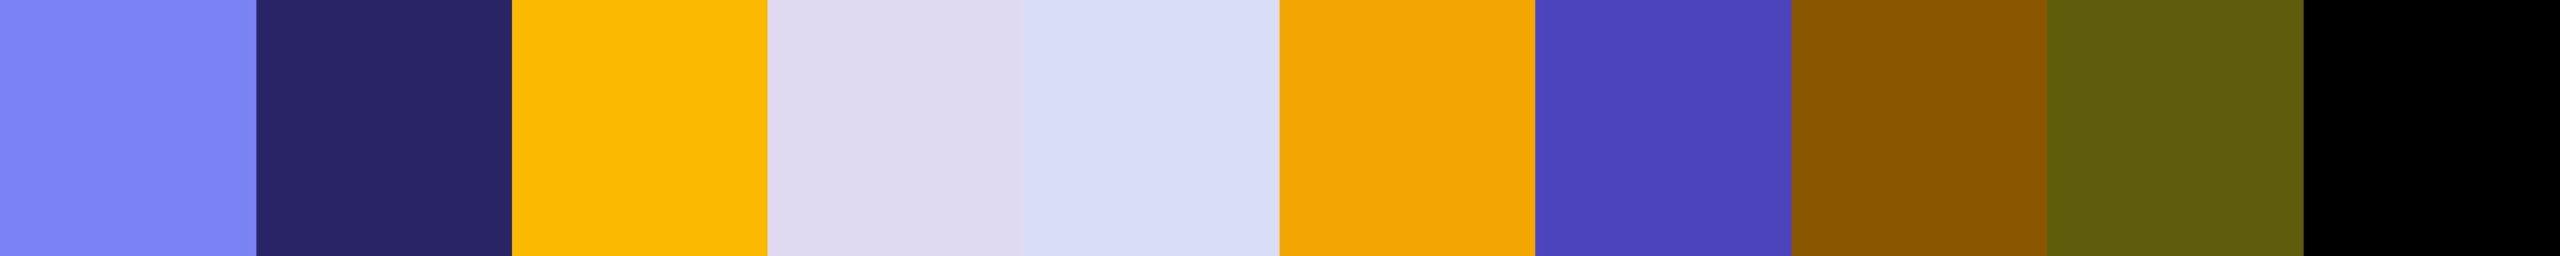 635 Poqrada Color Palette